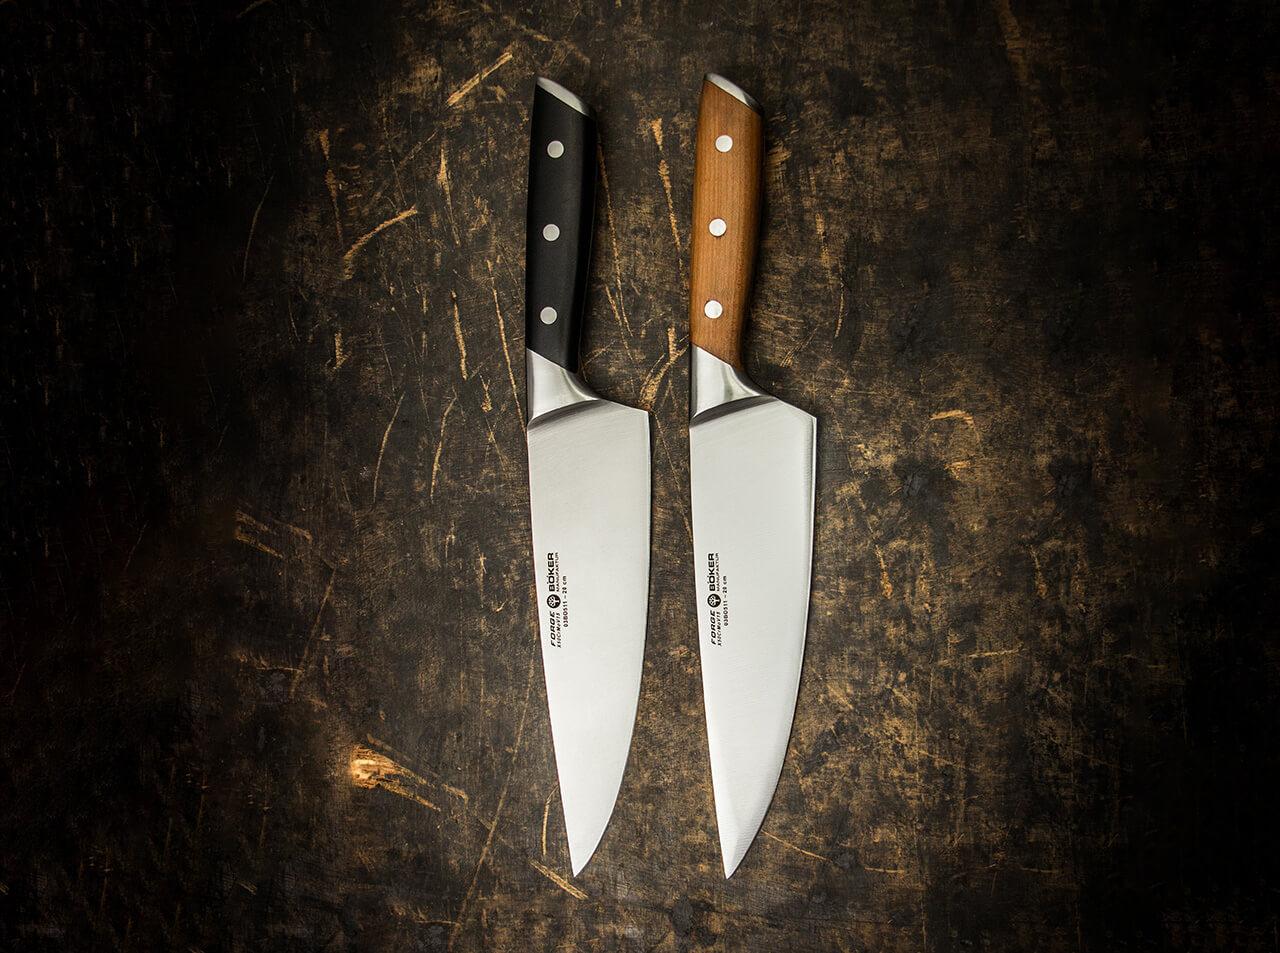 Boker Manufaktur Forge Wood Chefmesser Boker Solingen